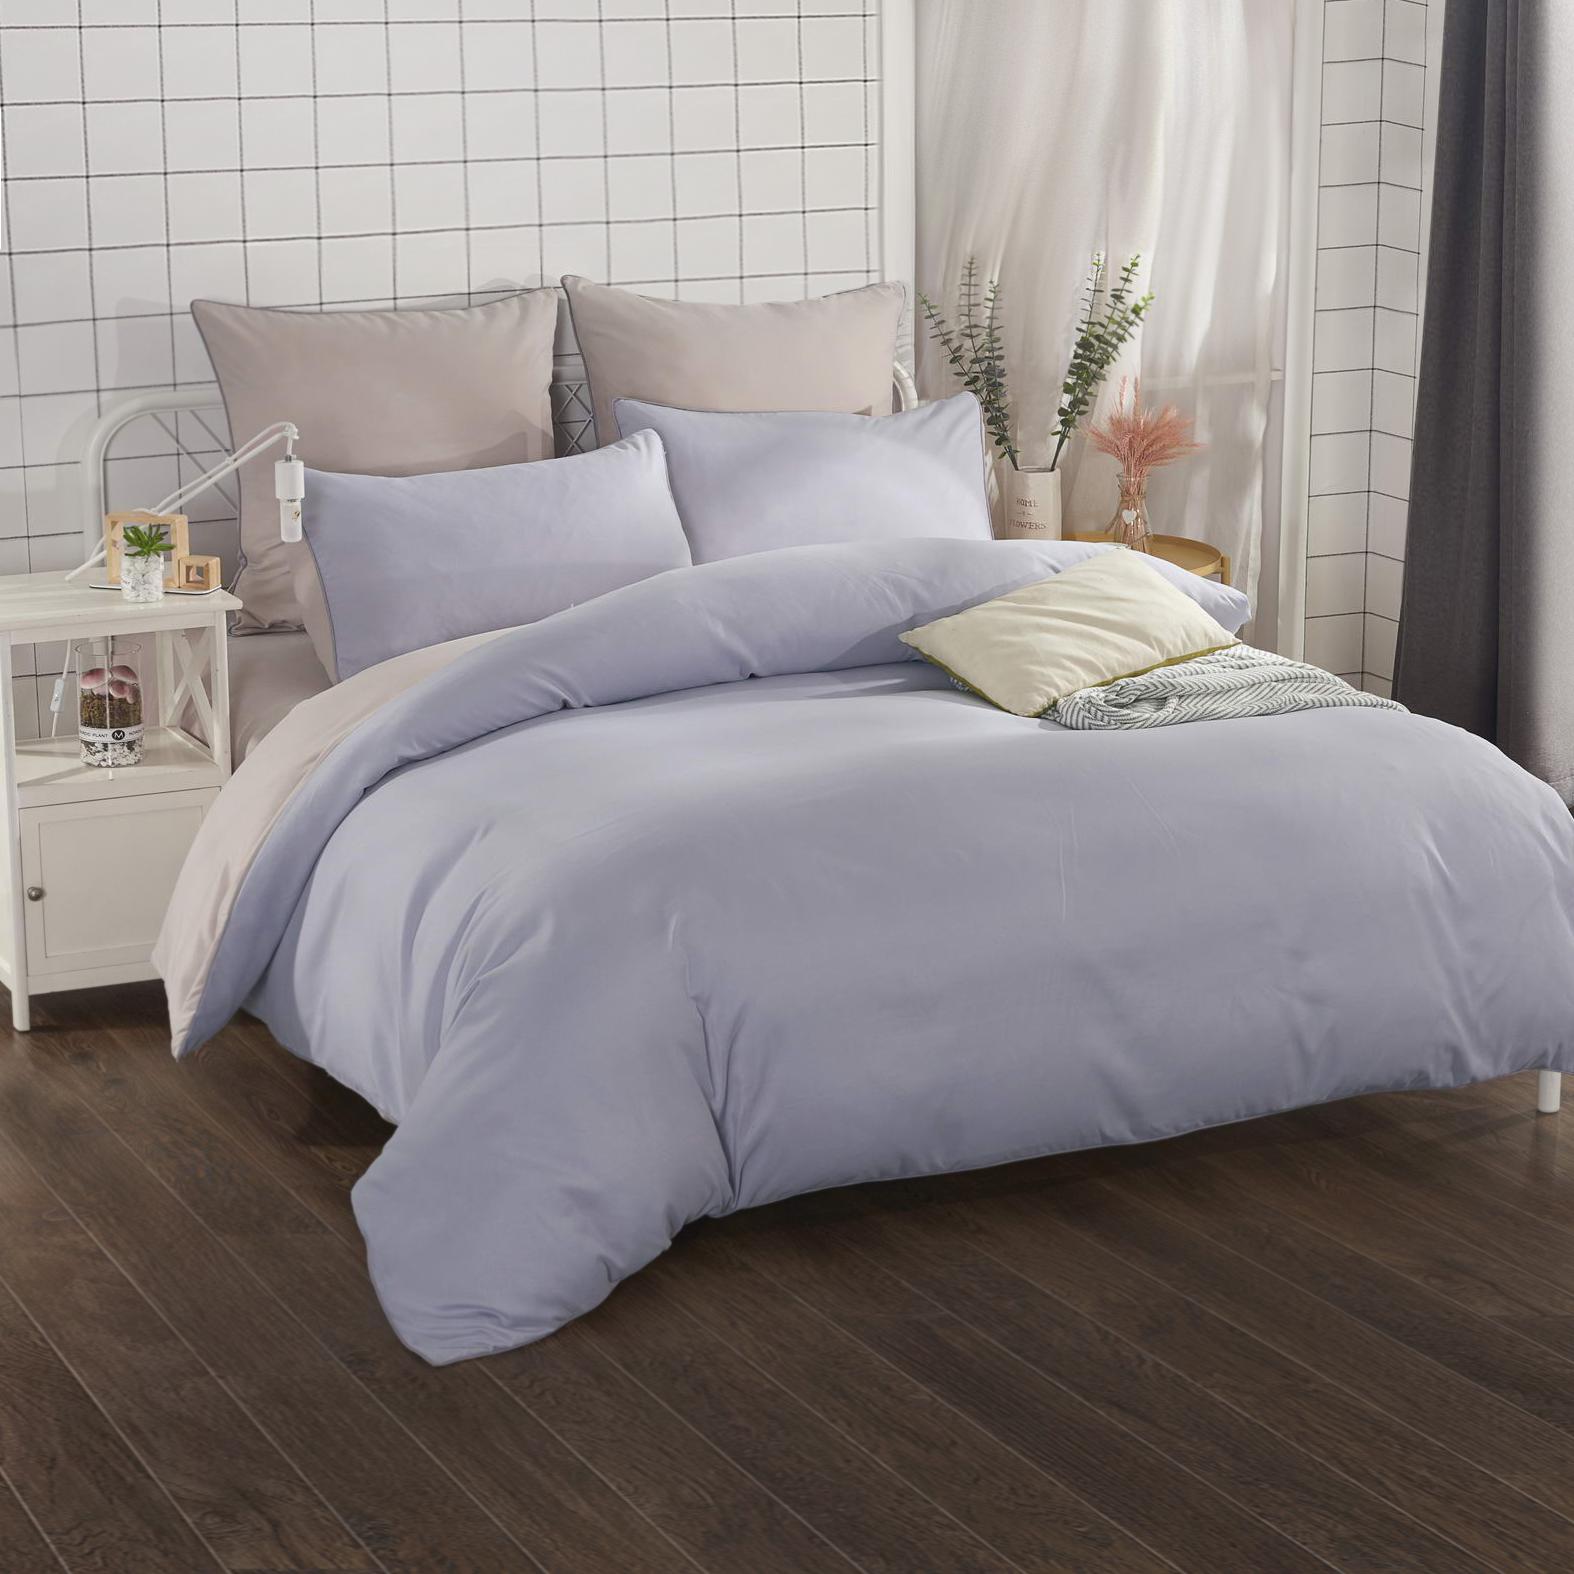 Комплект постельного белья Sofi De Marko Элегант Двуспальный евро (ЕВРО-502Э)